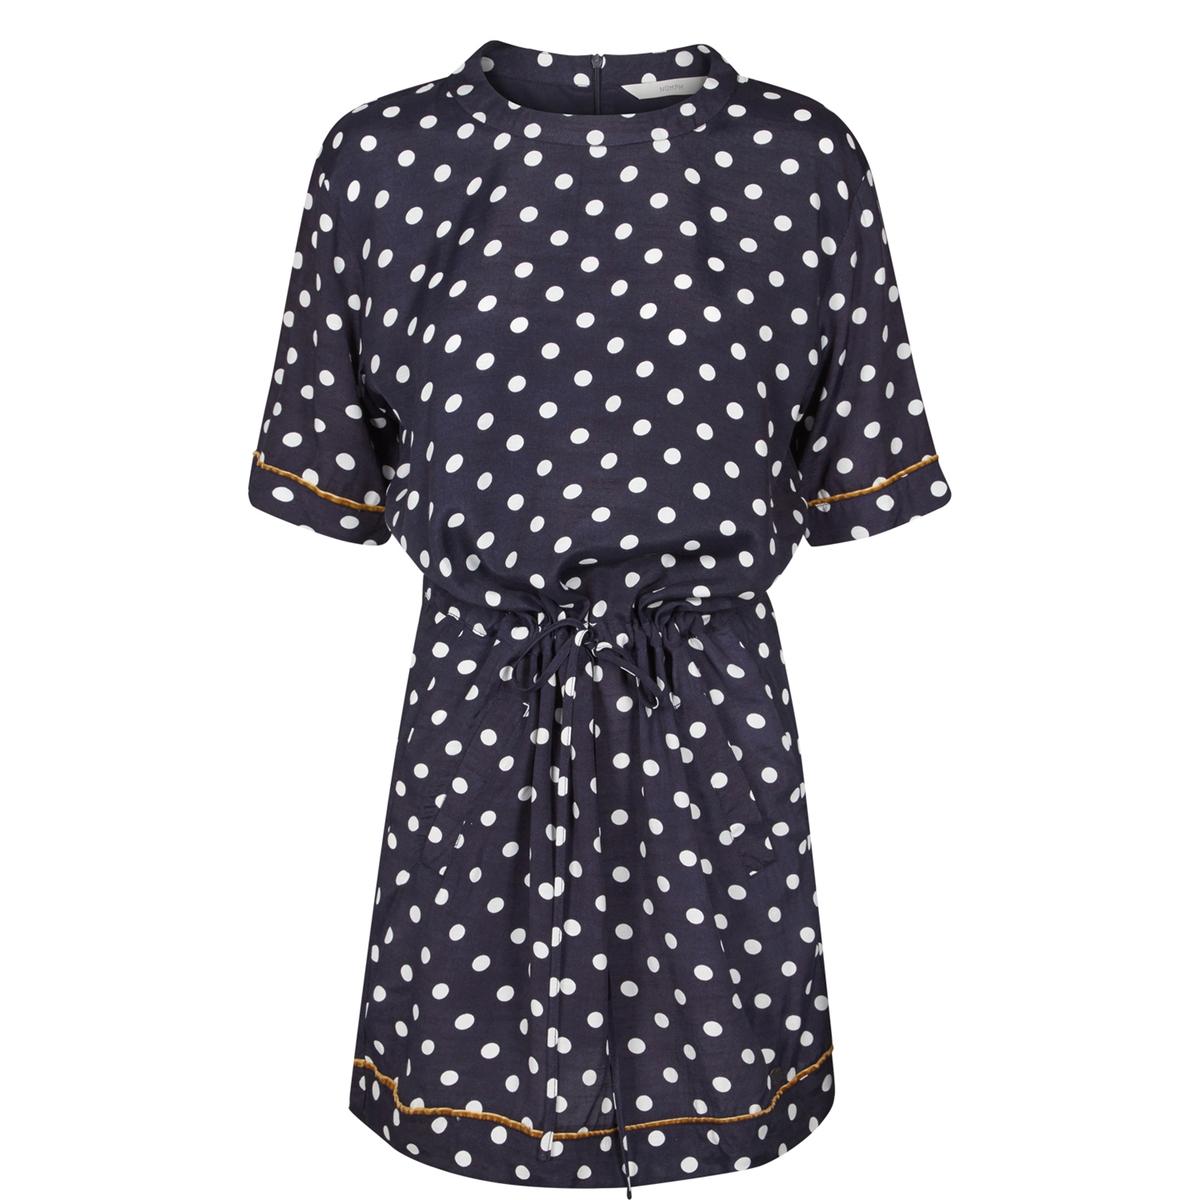 где купить Платье в горох с короткими рукавами и круглым вырезом по лучшей цене